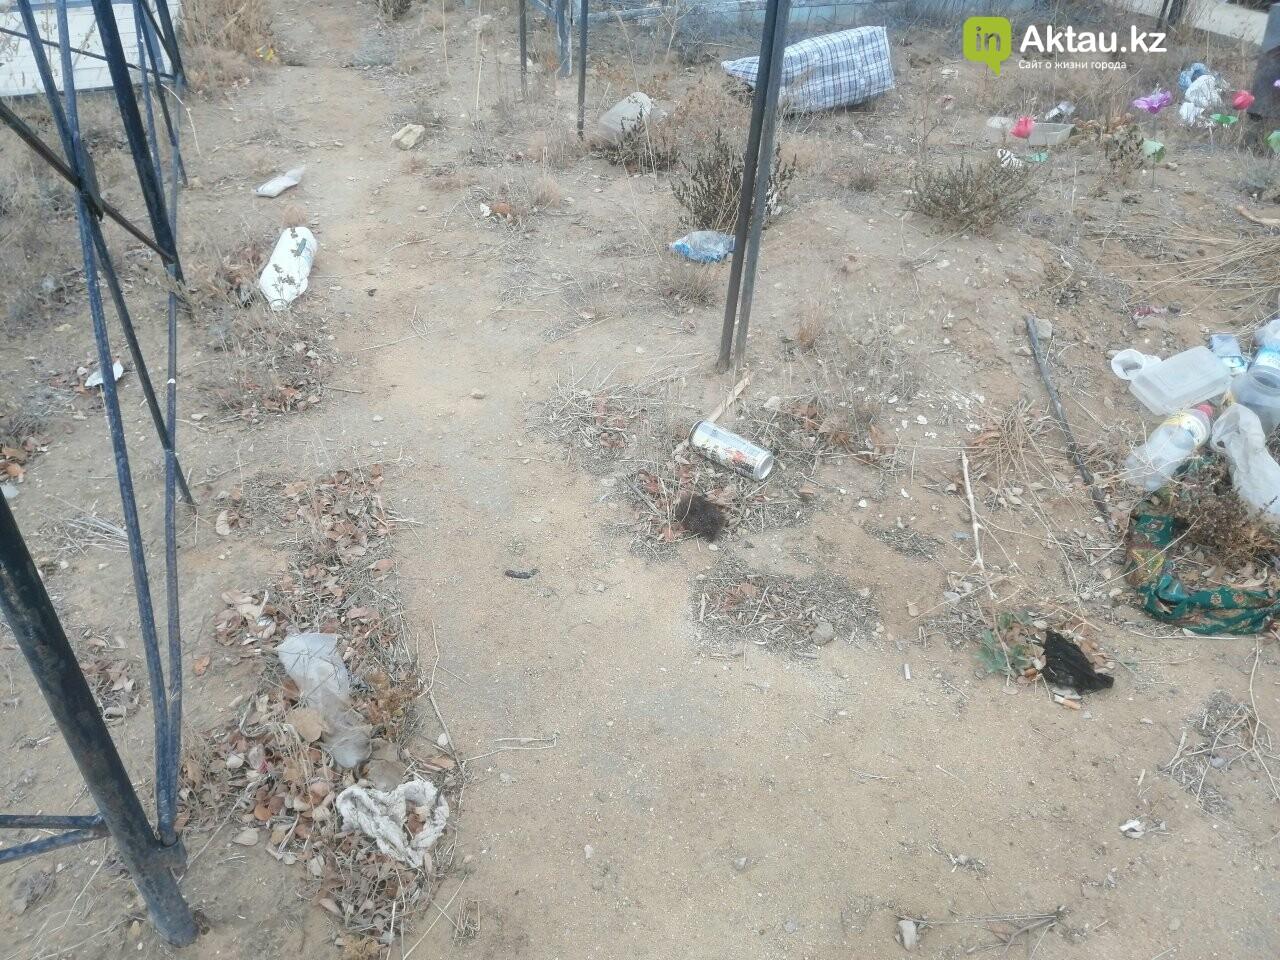 Жители Актау пожаловались на мусор на православном кладбище , фото-2